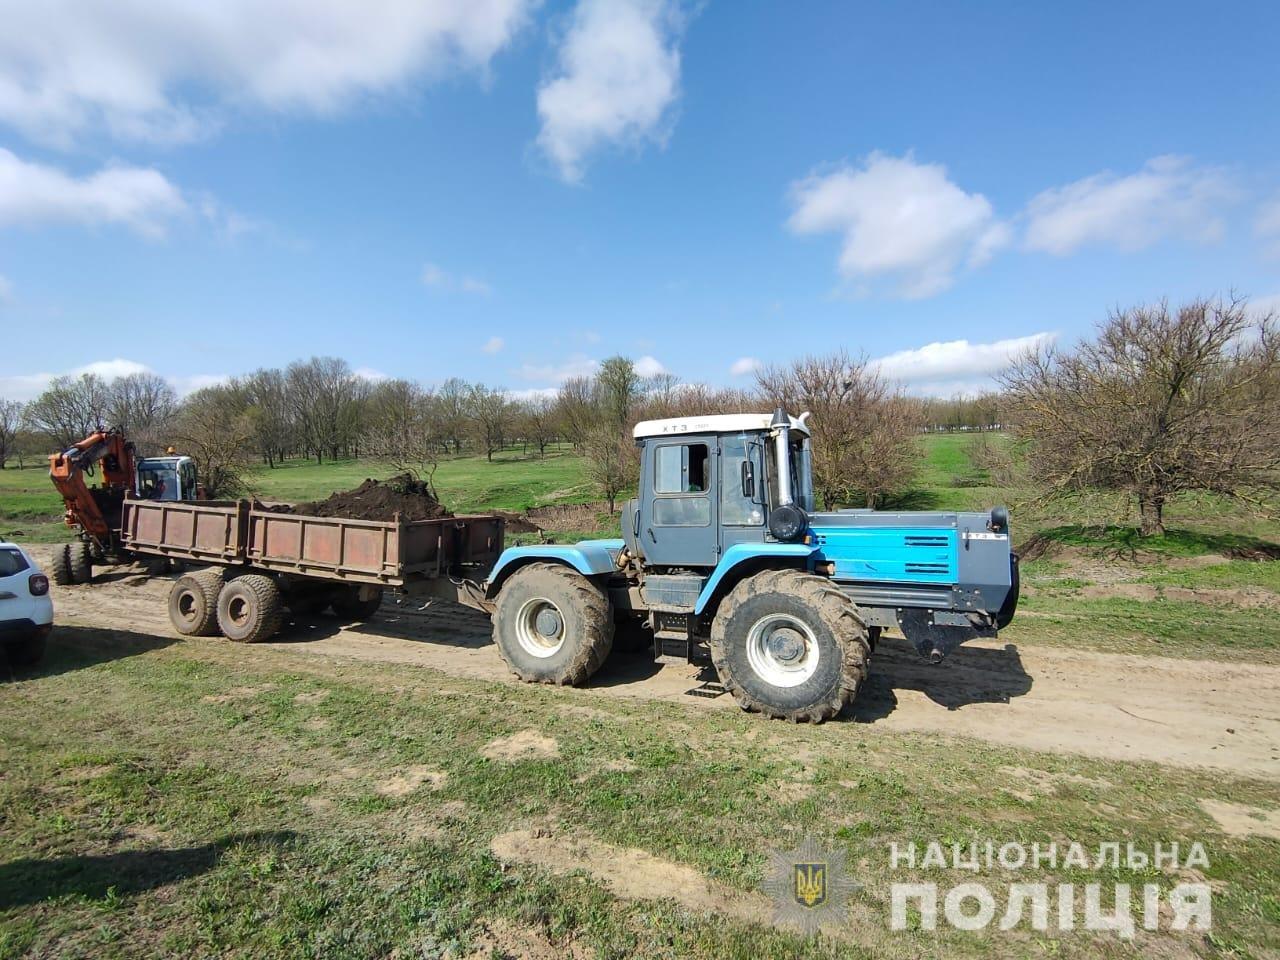 В Одесской области предприятие незаконно добывало чернозем, - ФОТО, фото-2